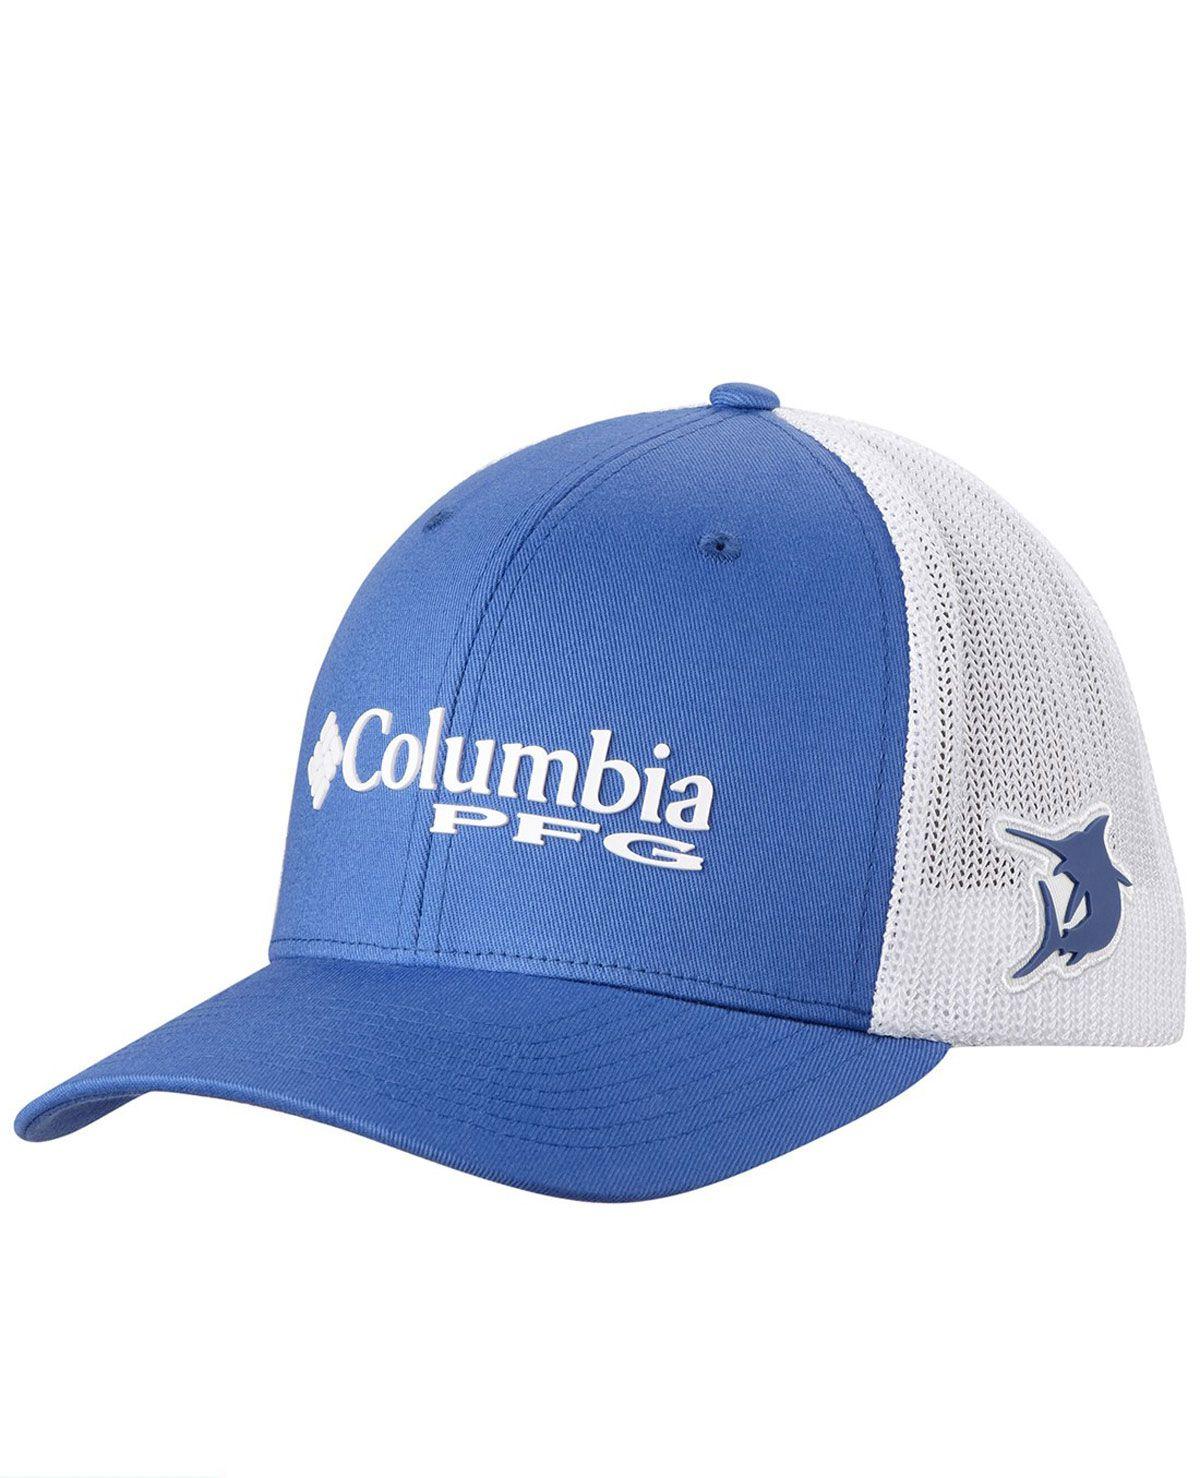 Boné Columbia PFG Mesh Snap Back Ball Cap - Azul e Branco